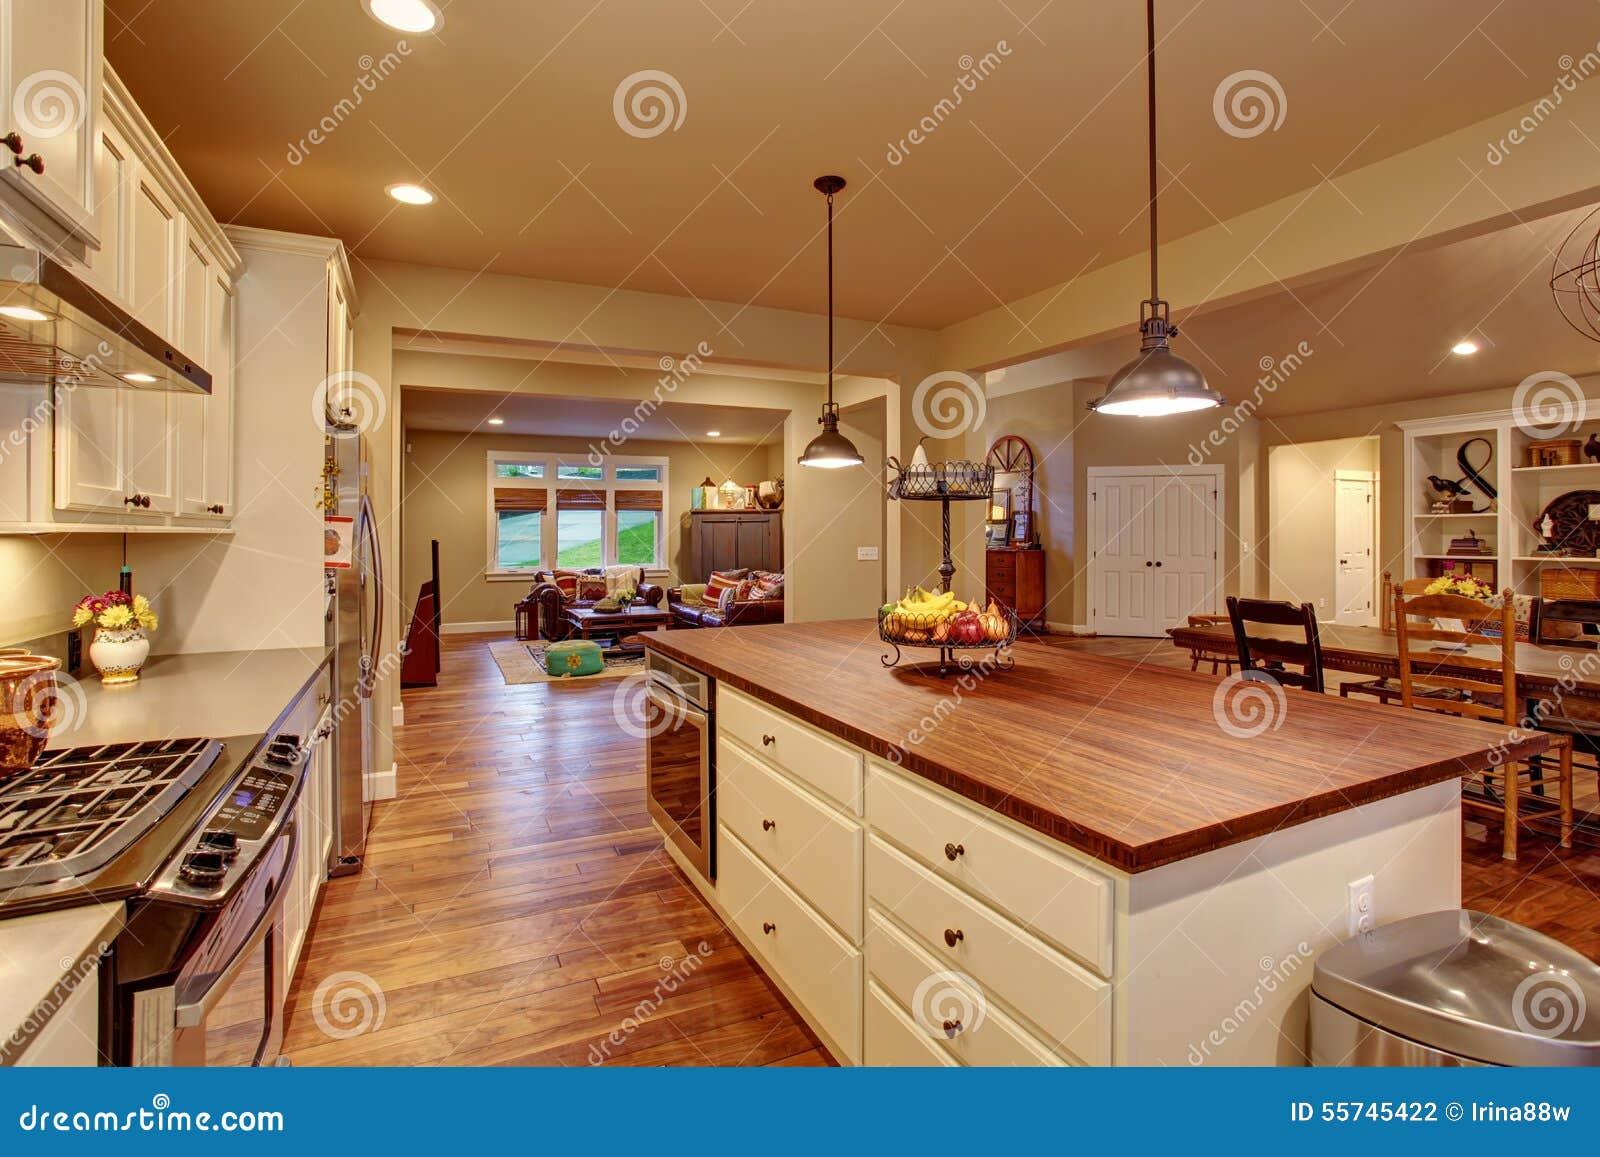 Klasyczna Kuchnia Z Twarde Drzewo Podłoga I Wyspą Zdjęcie Stock